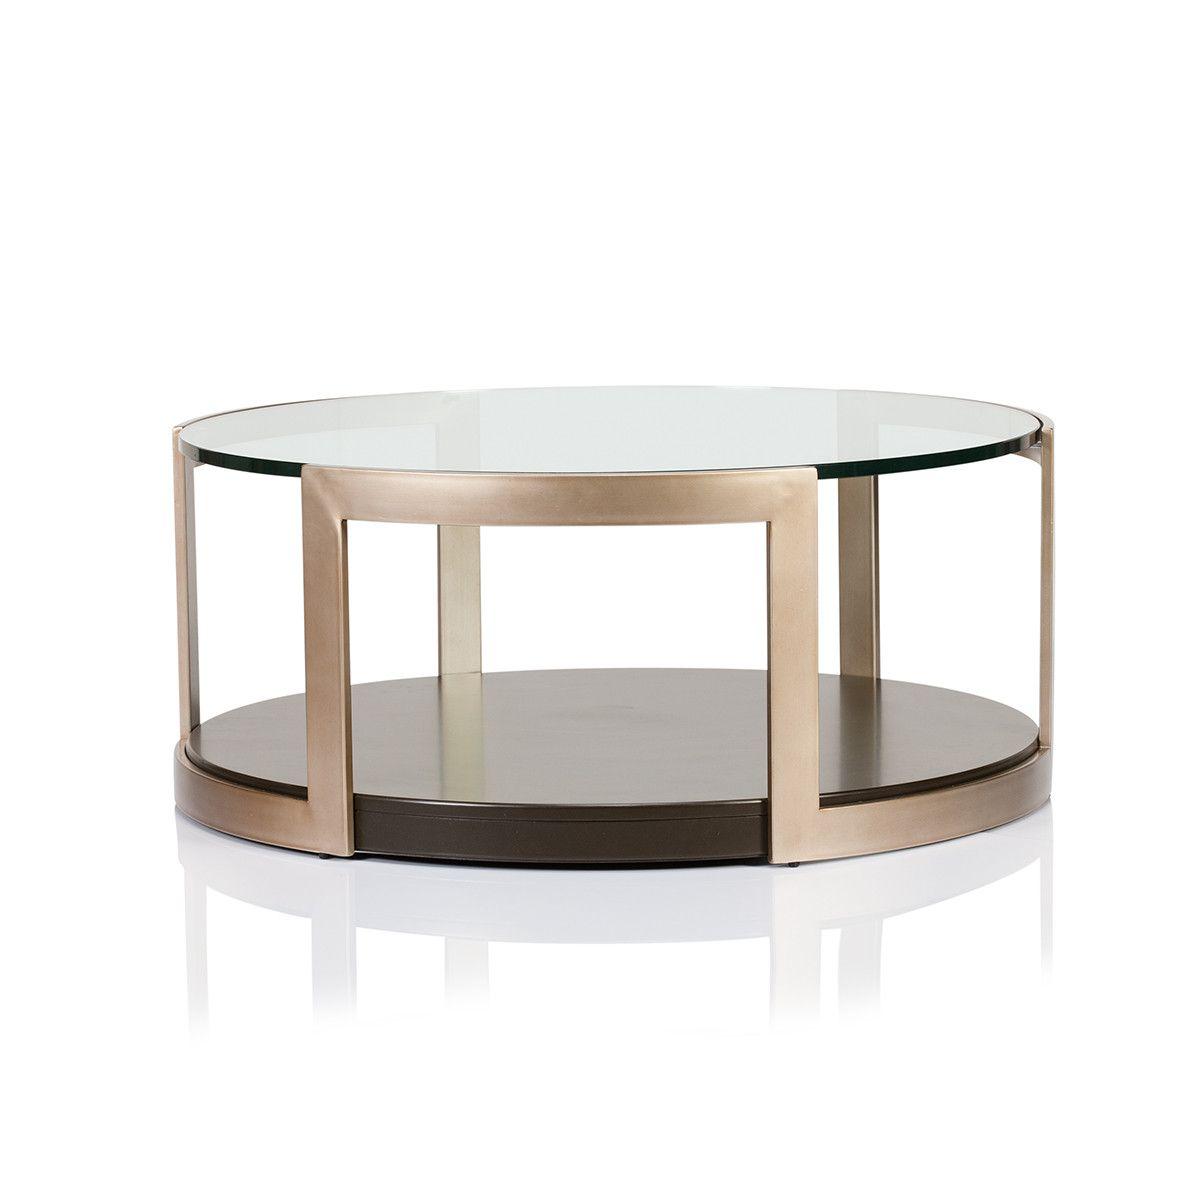 Manhattan Glass Top Round Coffee Table Round Coffee Table Glass Top Coffee Table Coffee Table [ 1200 x 1200 Pixel ]